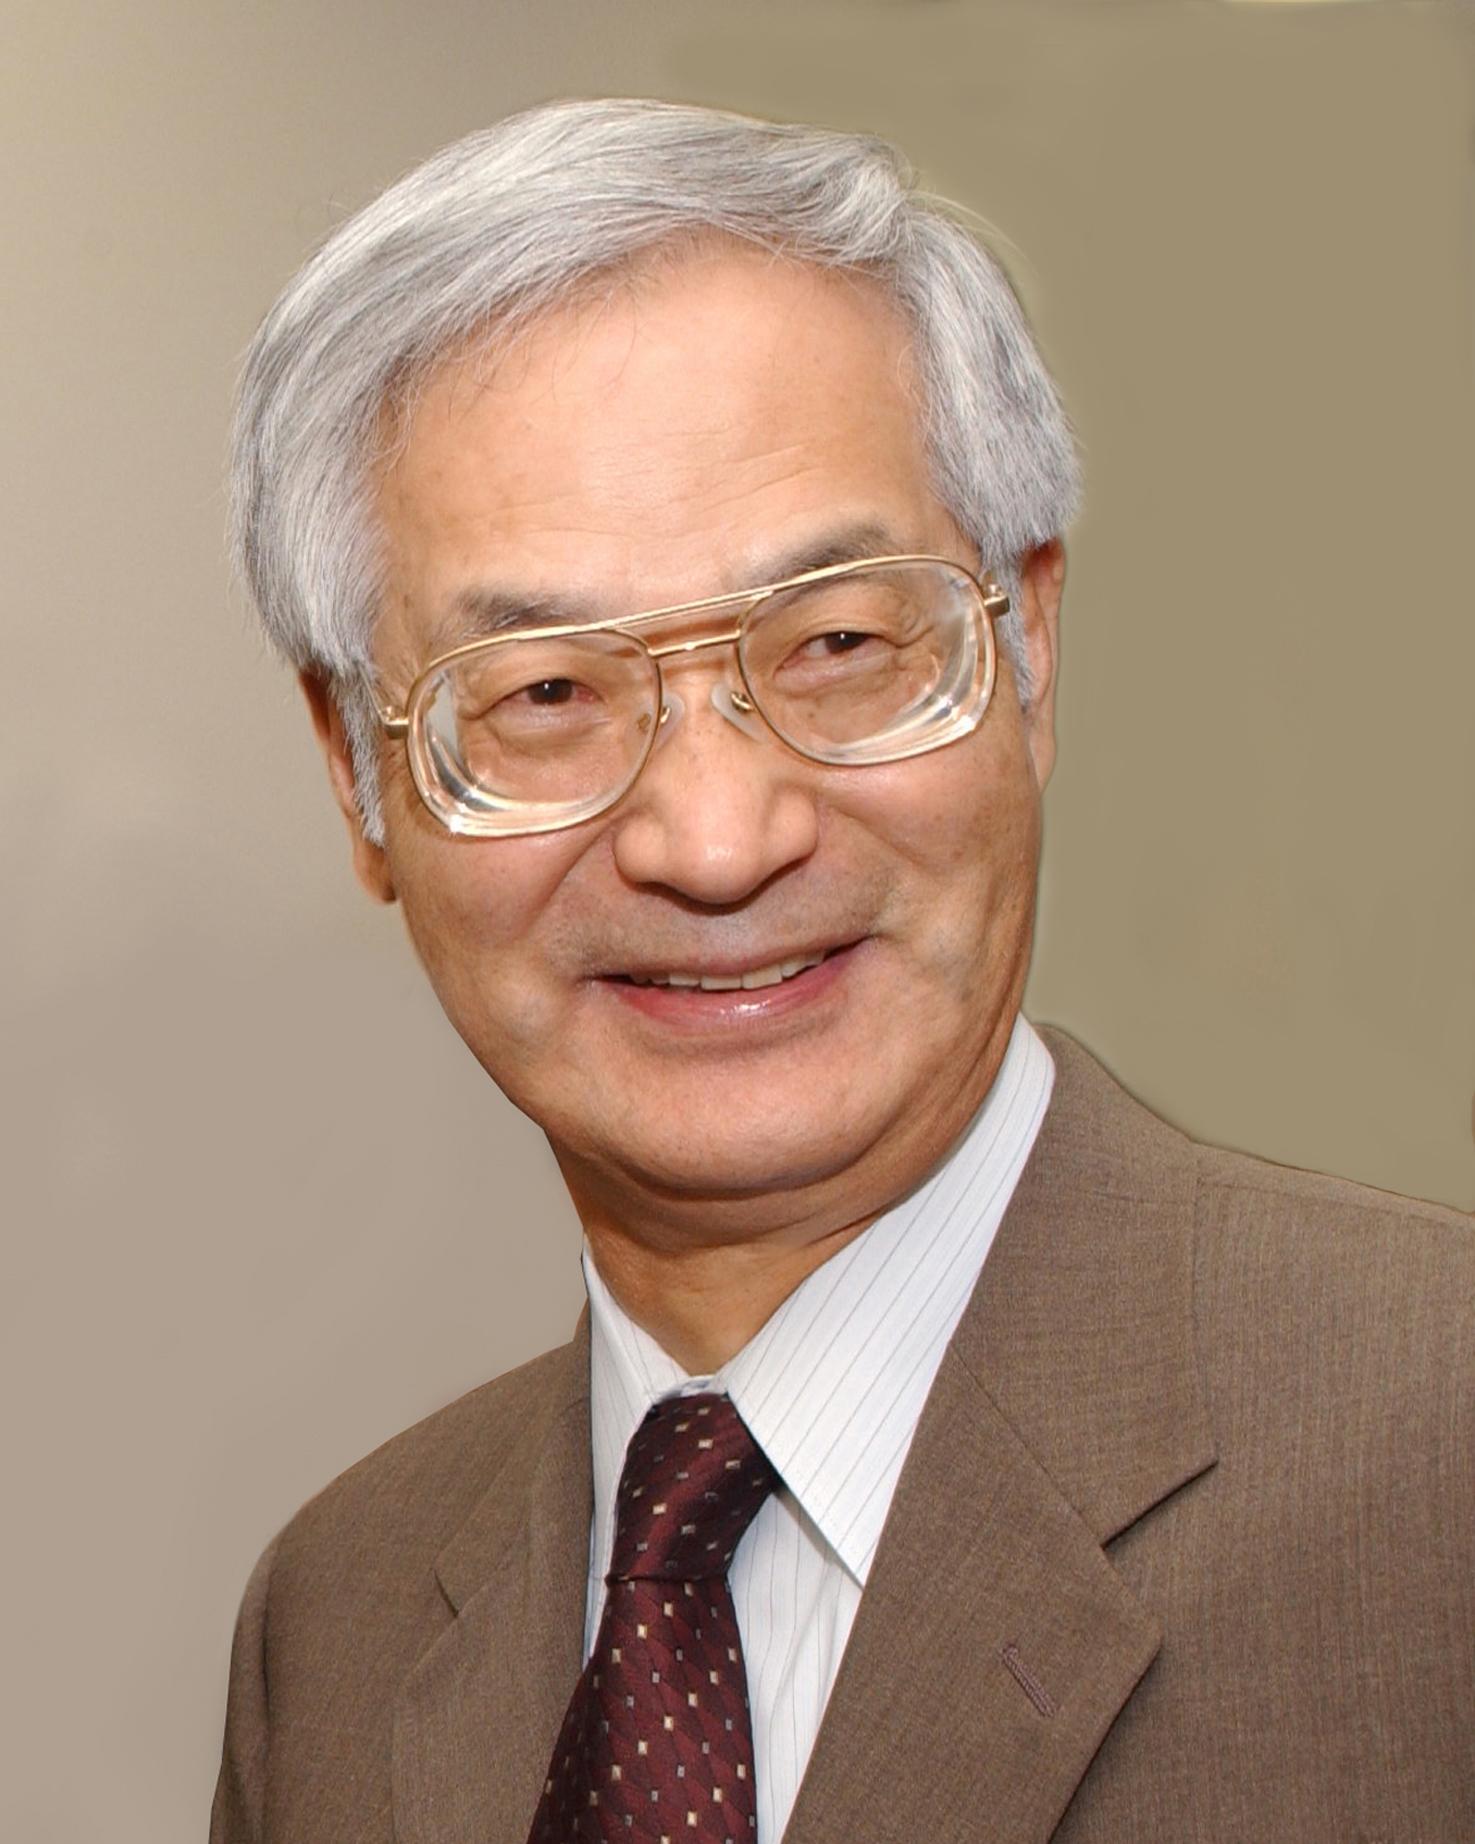 Dr. Charles Pak